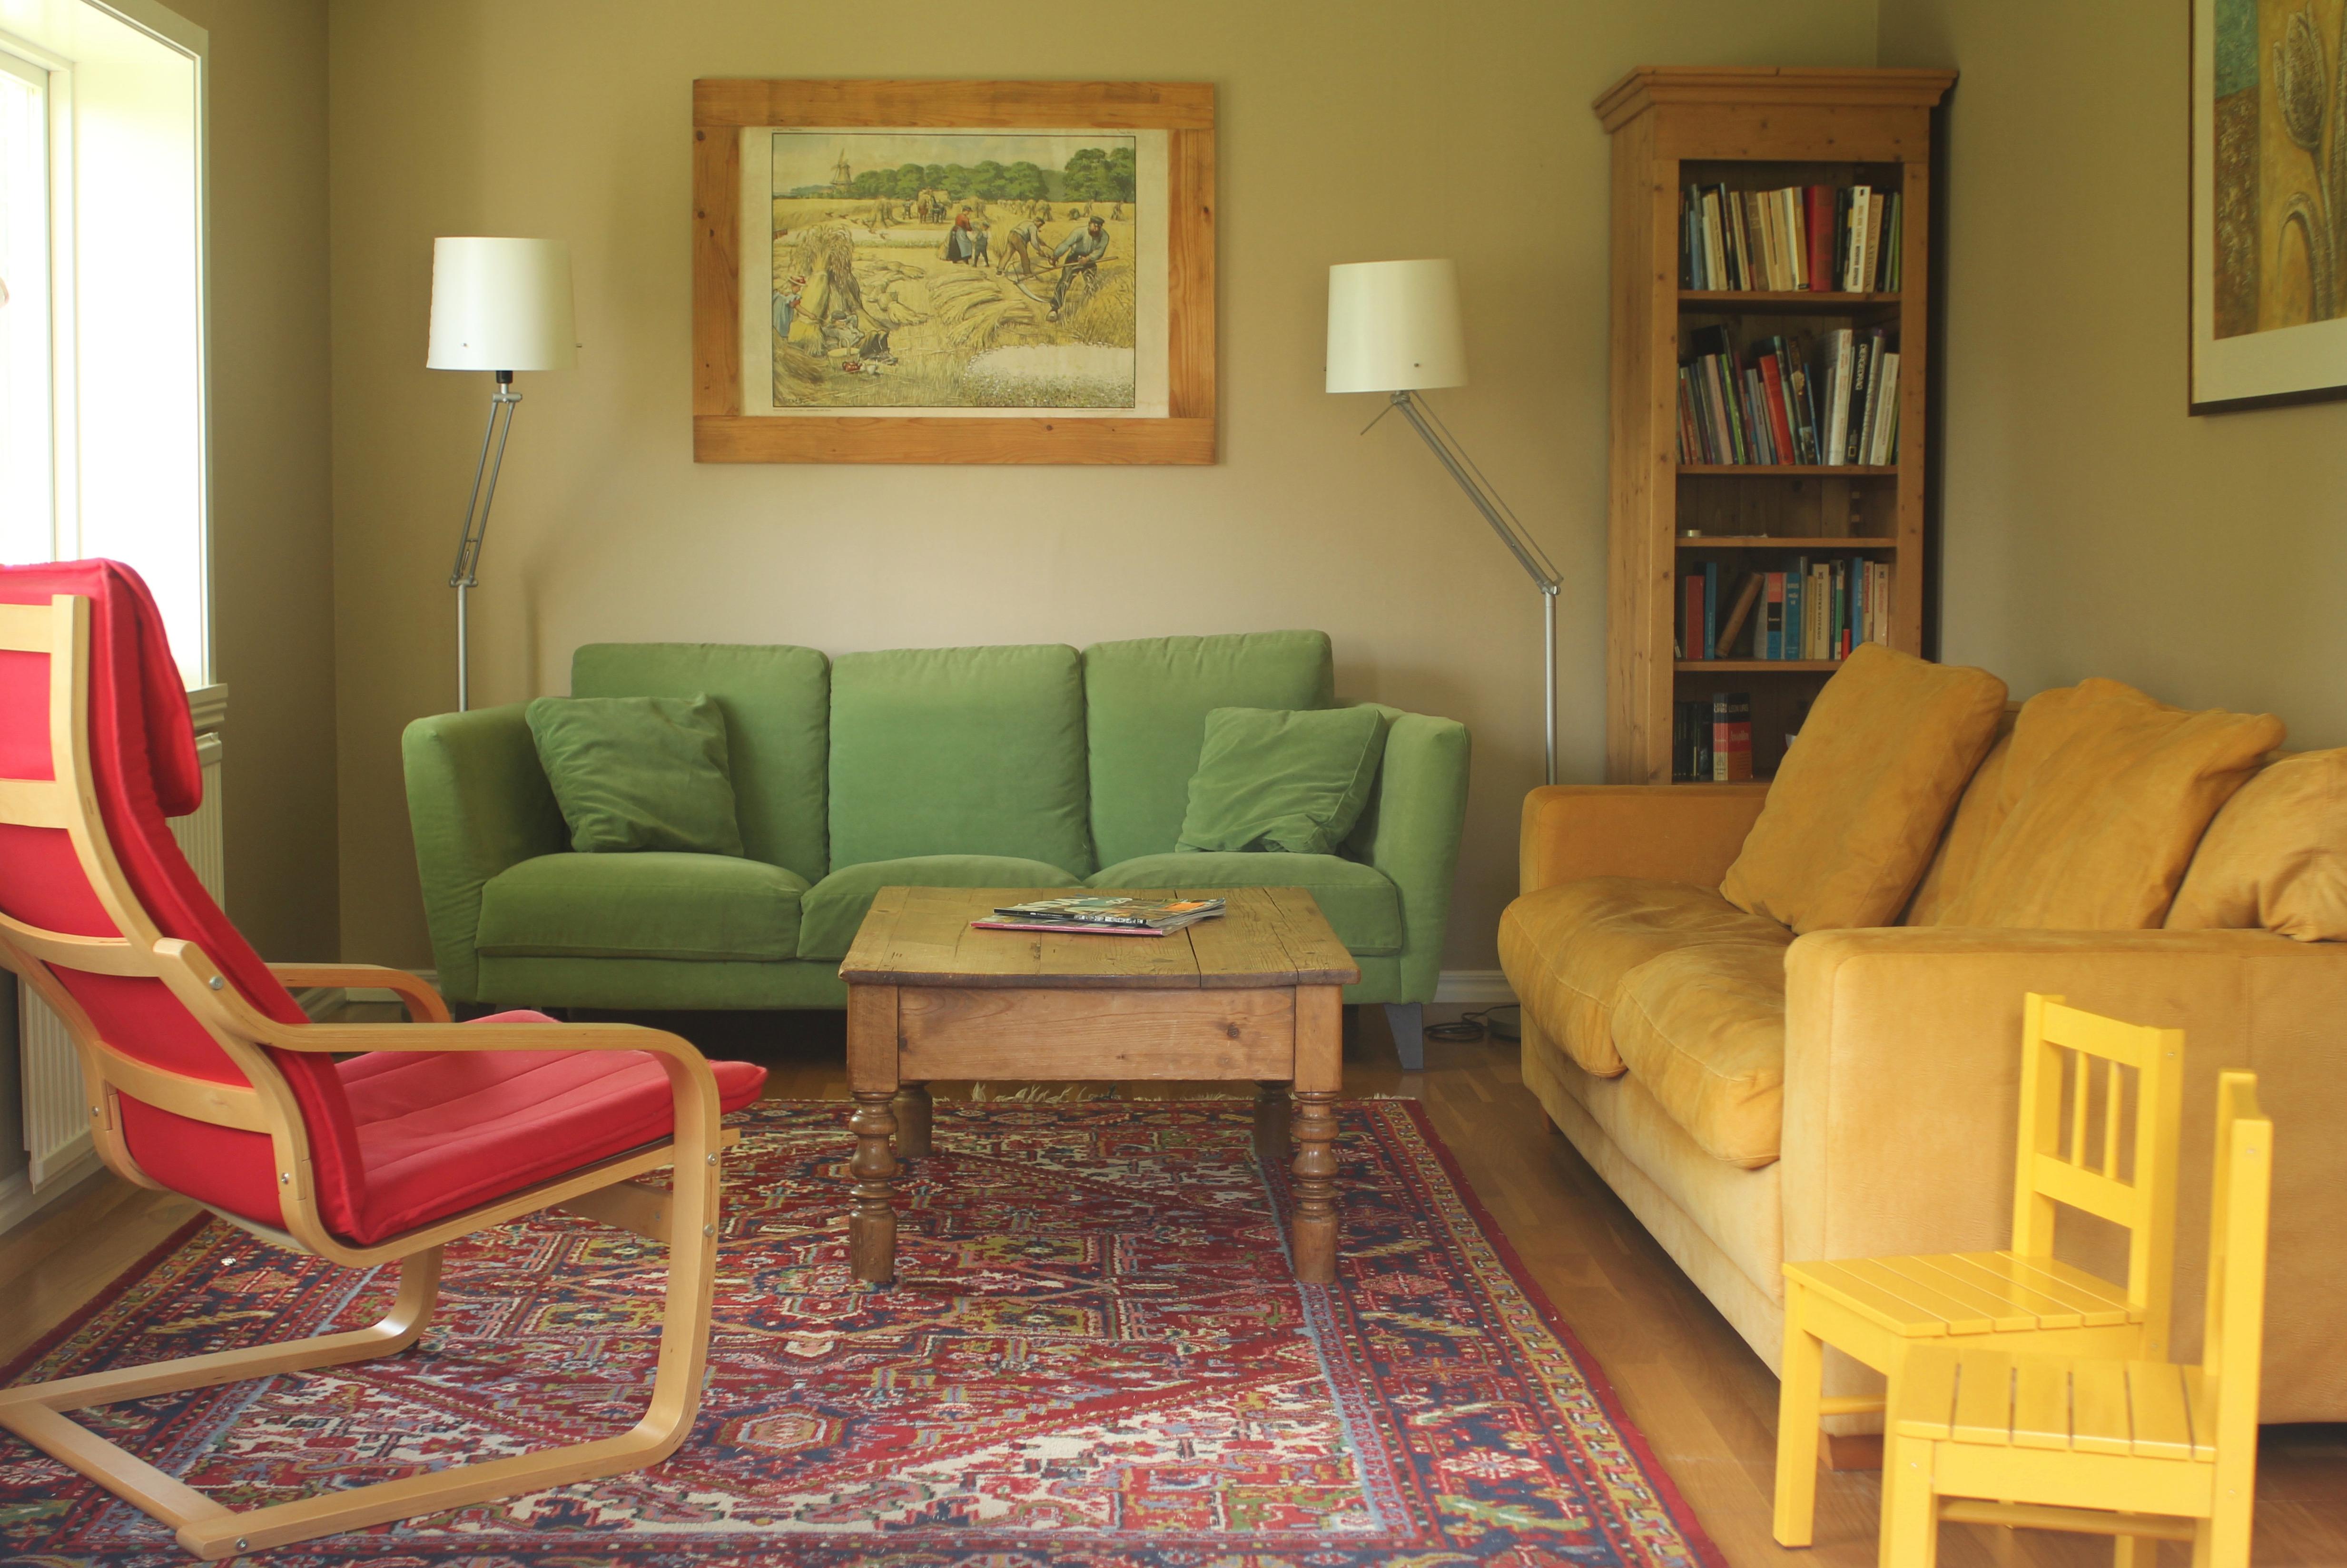 woonkamer van vakantiehuis in zweden